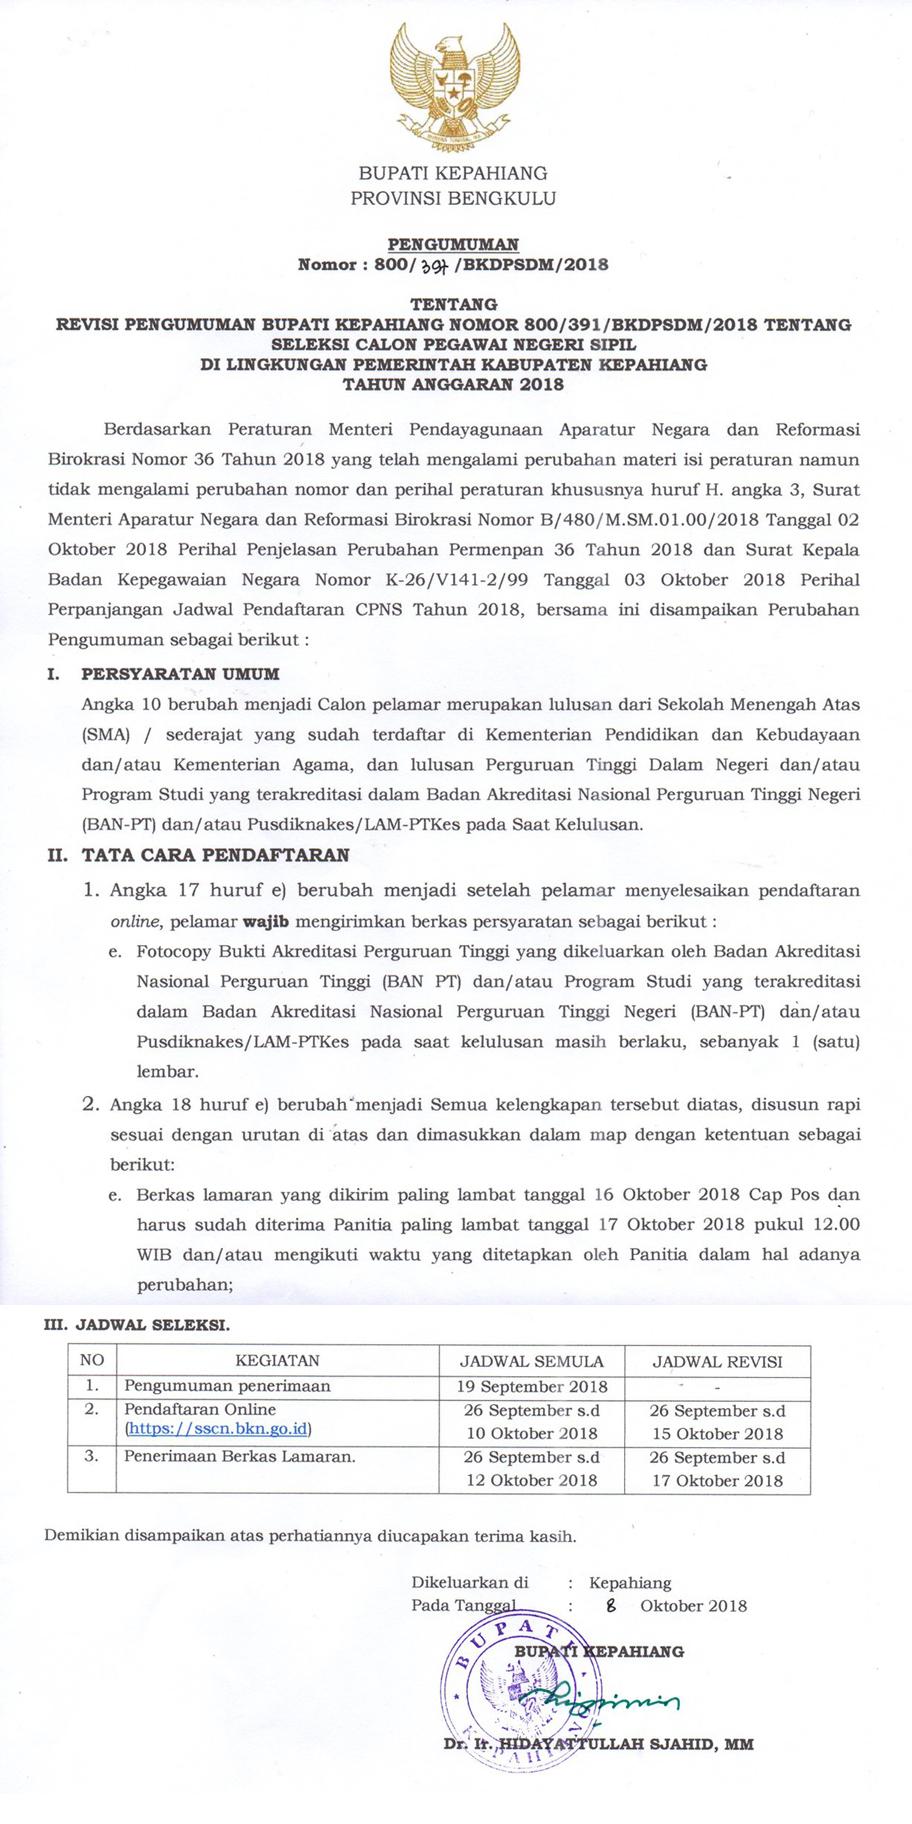 Revisi pengumuman CPNS 2018